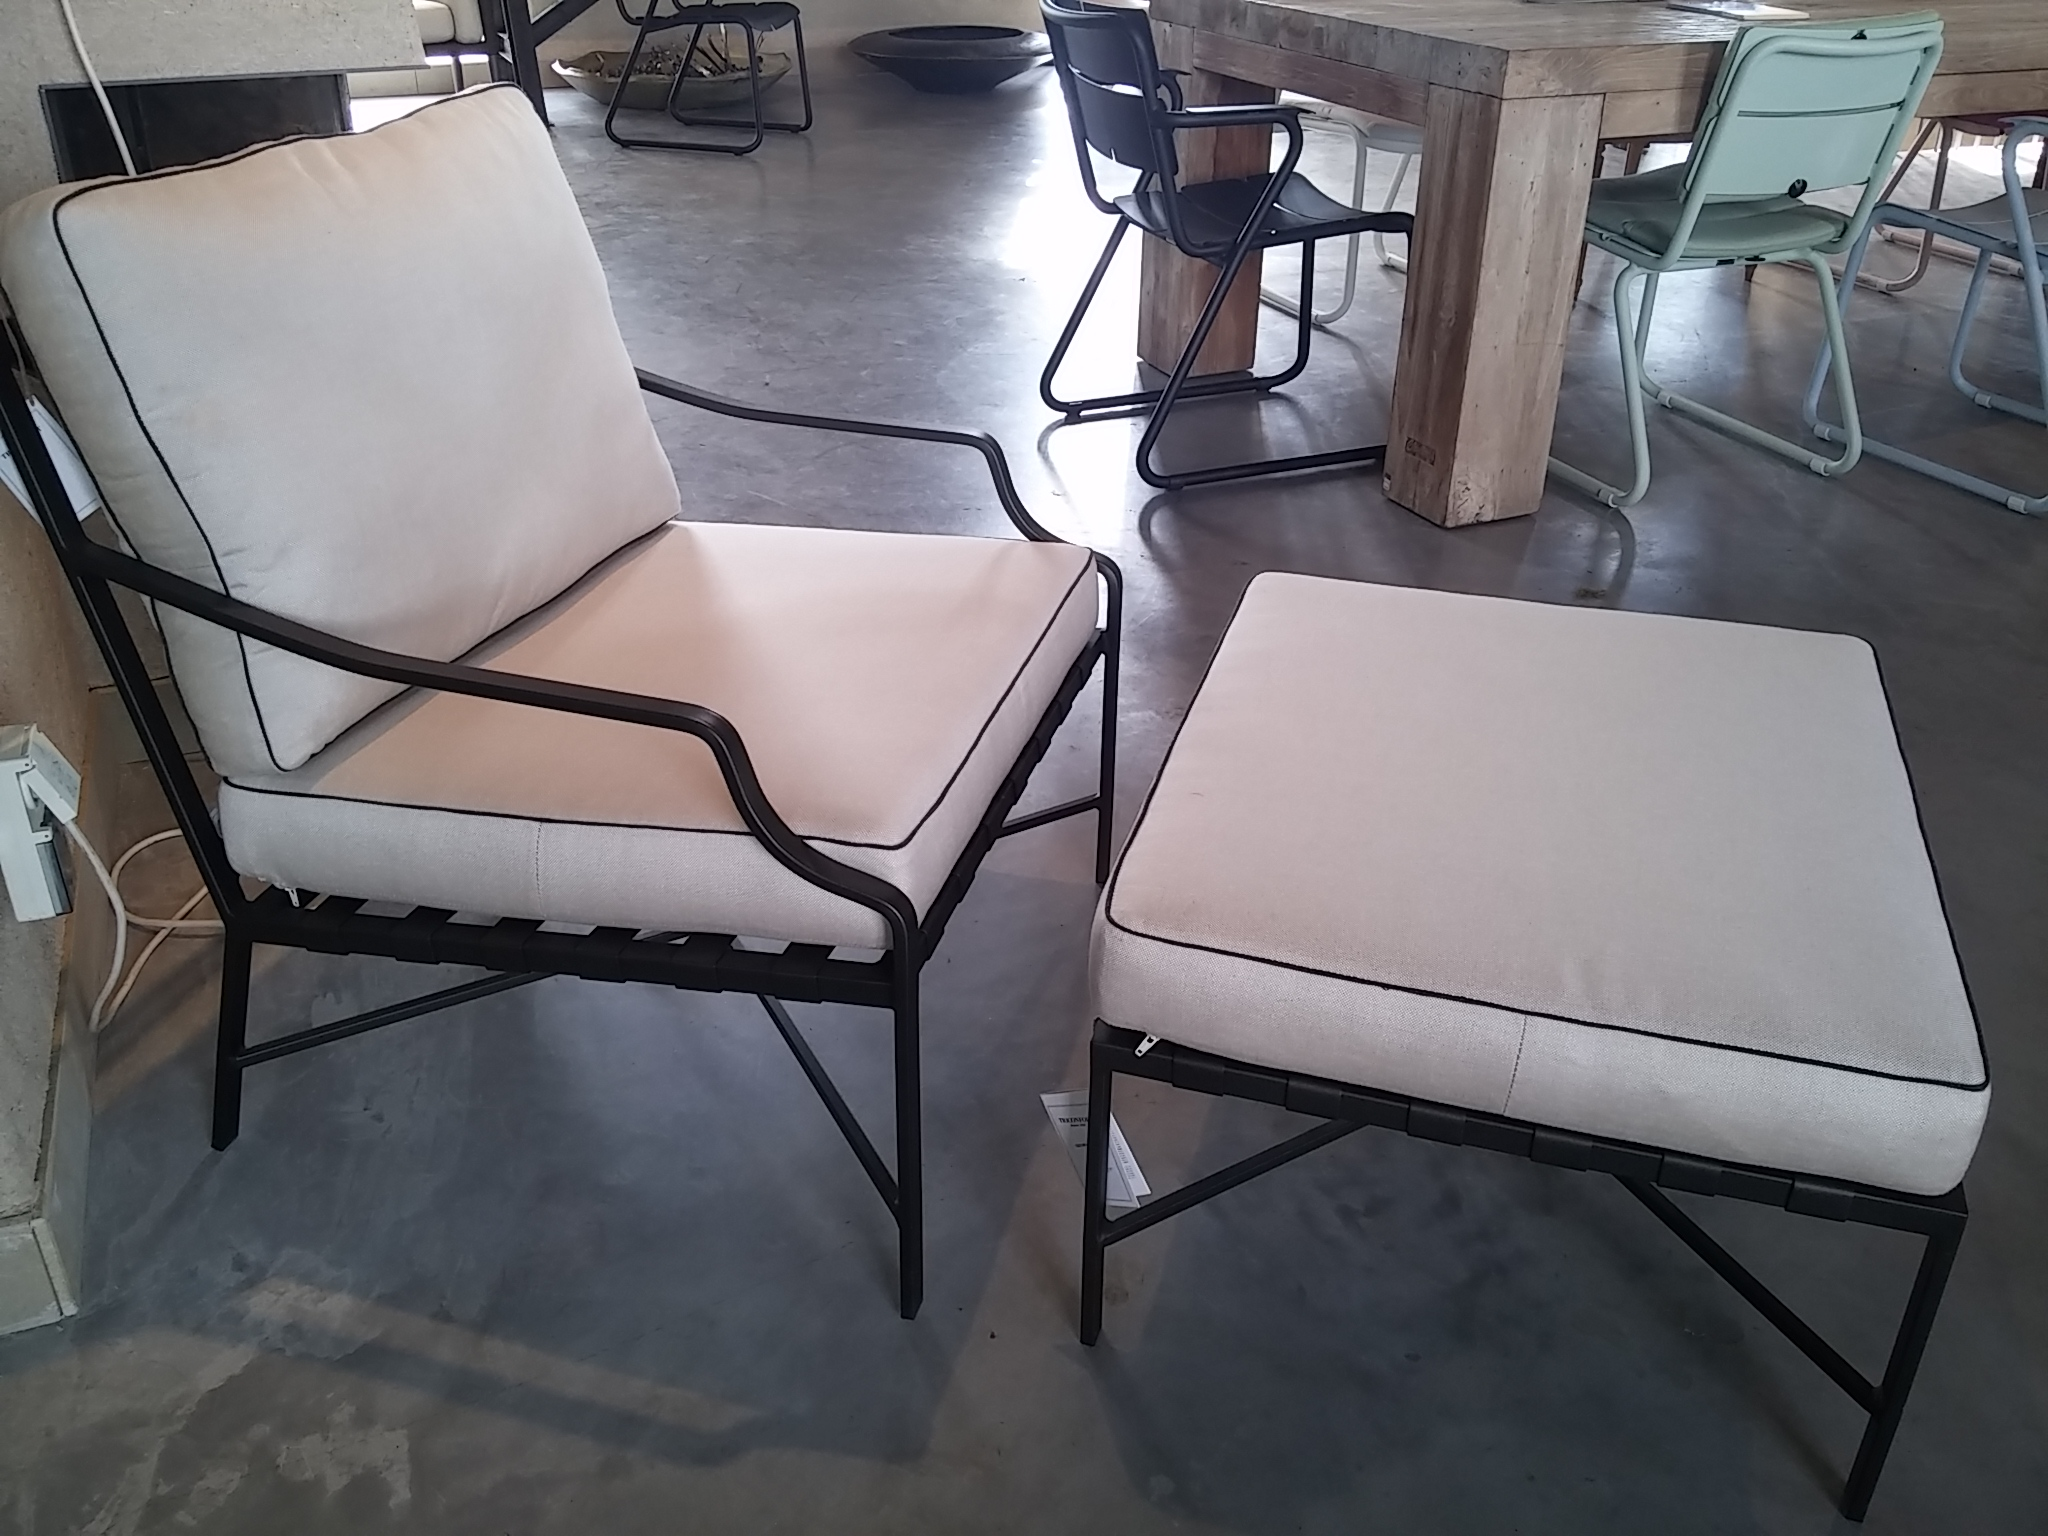 Gloster roma fauteuil ✓ van valderen exclusieve tuinmeubelen